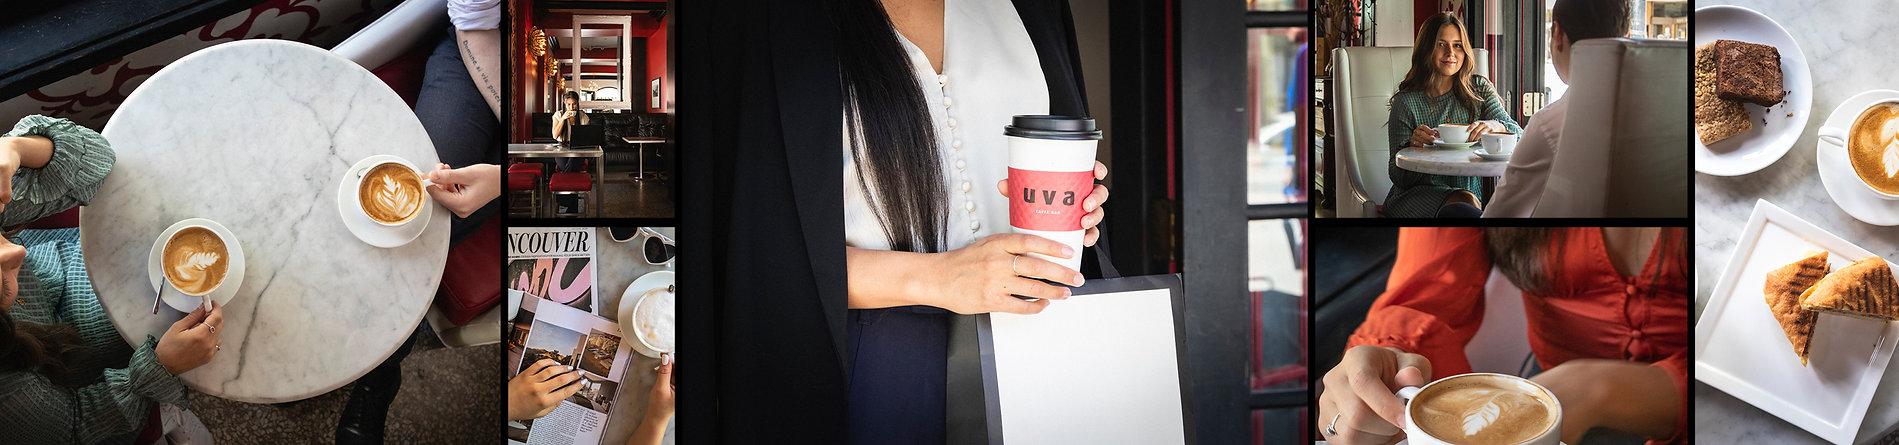 Uva Caffe Header.jpg